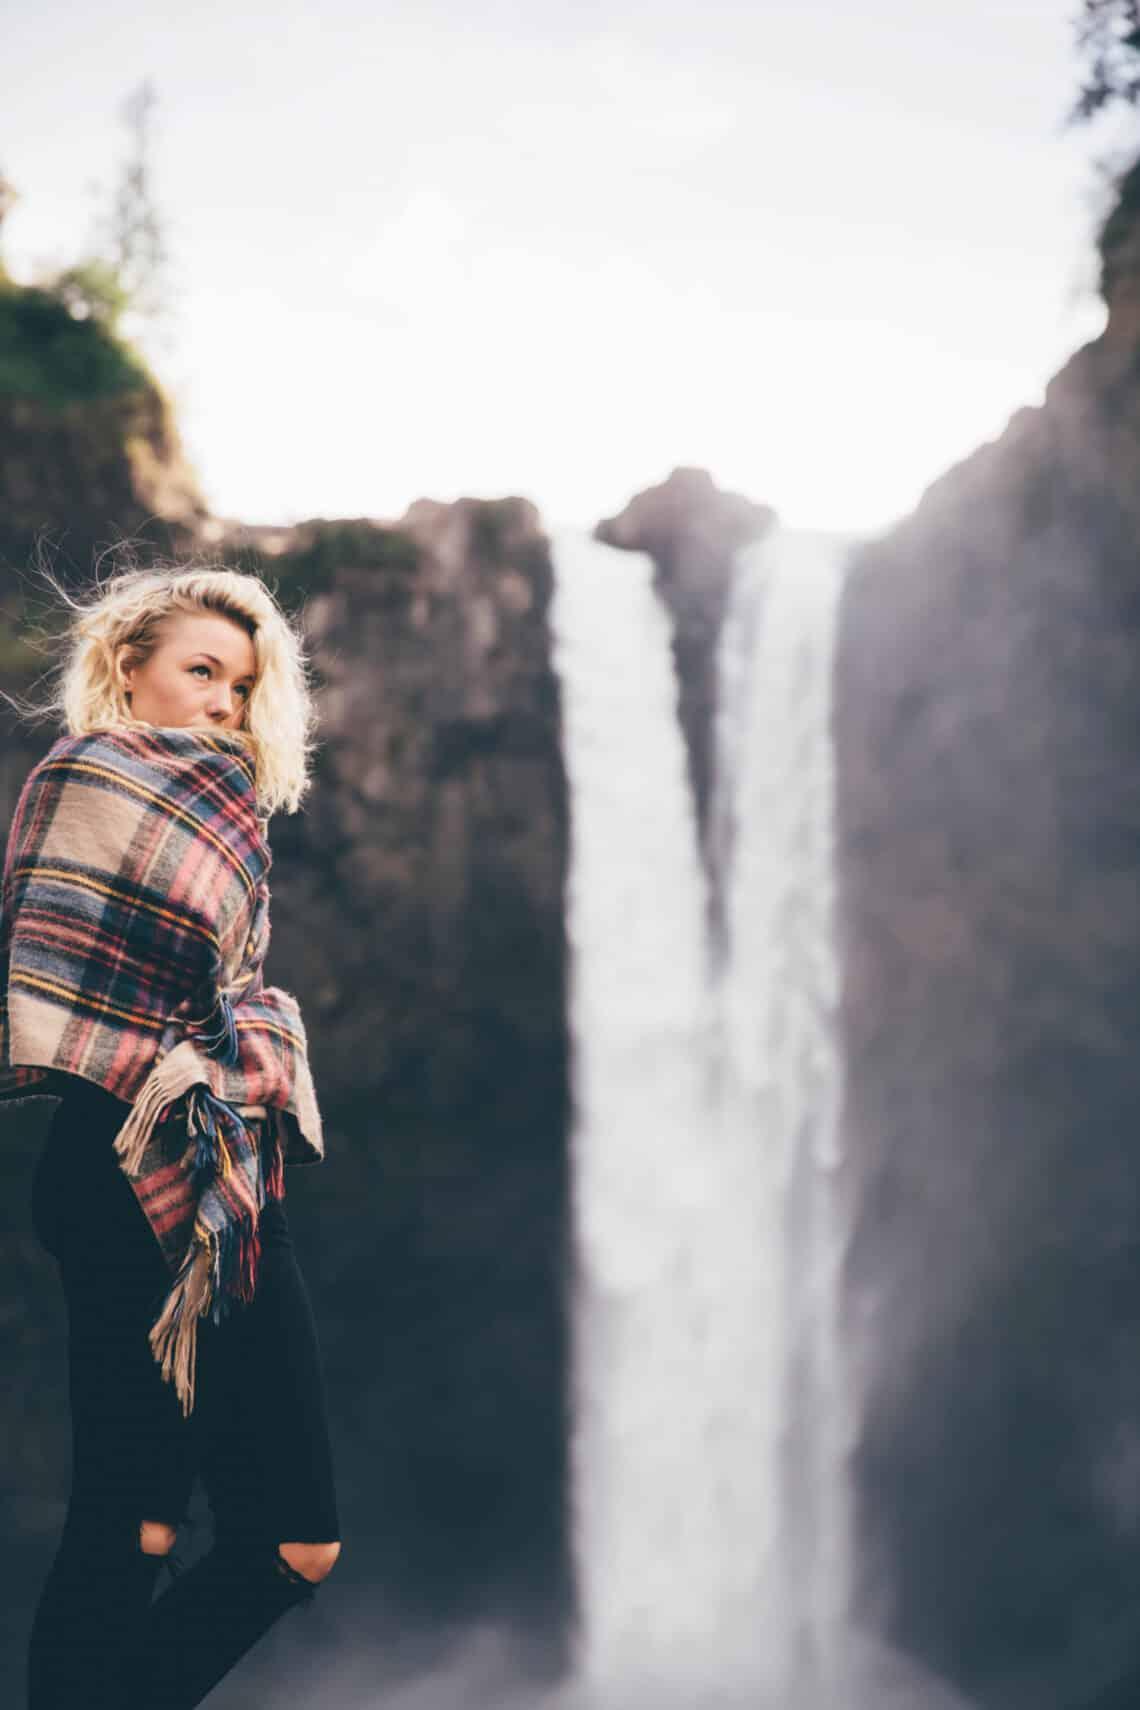 Az elhagyástól való félelem túlságosan ragaszkodóvá tesz – vagy nagyon is távolságtartóvá